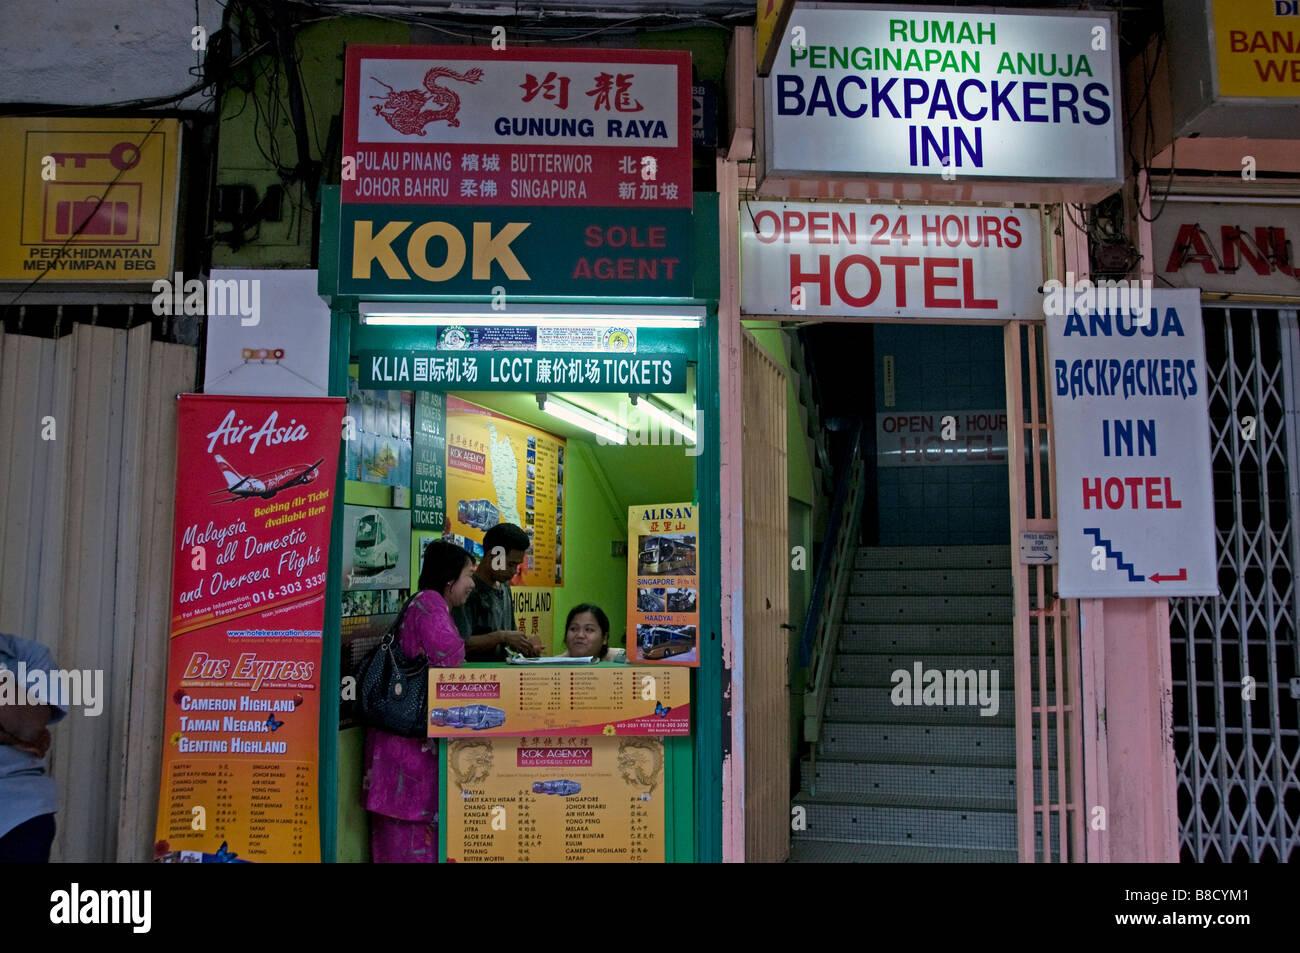 Malaysischen Kuala Lumpur Malaysia billige Budget Backpackers Inn Hotel Stadtzentrum in der Nähe von Chinatown Stockbild